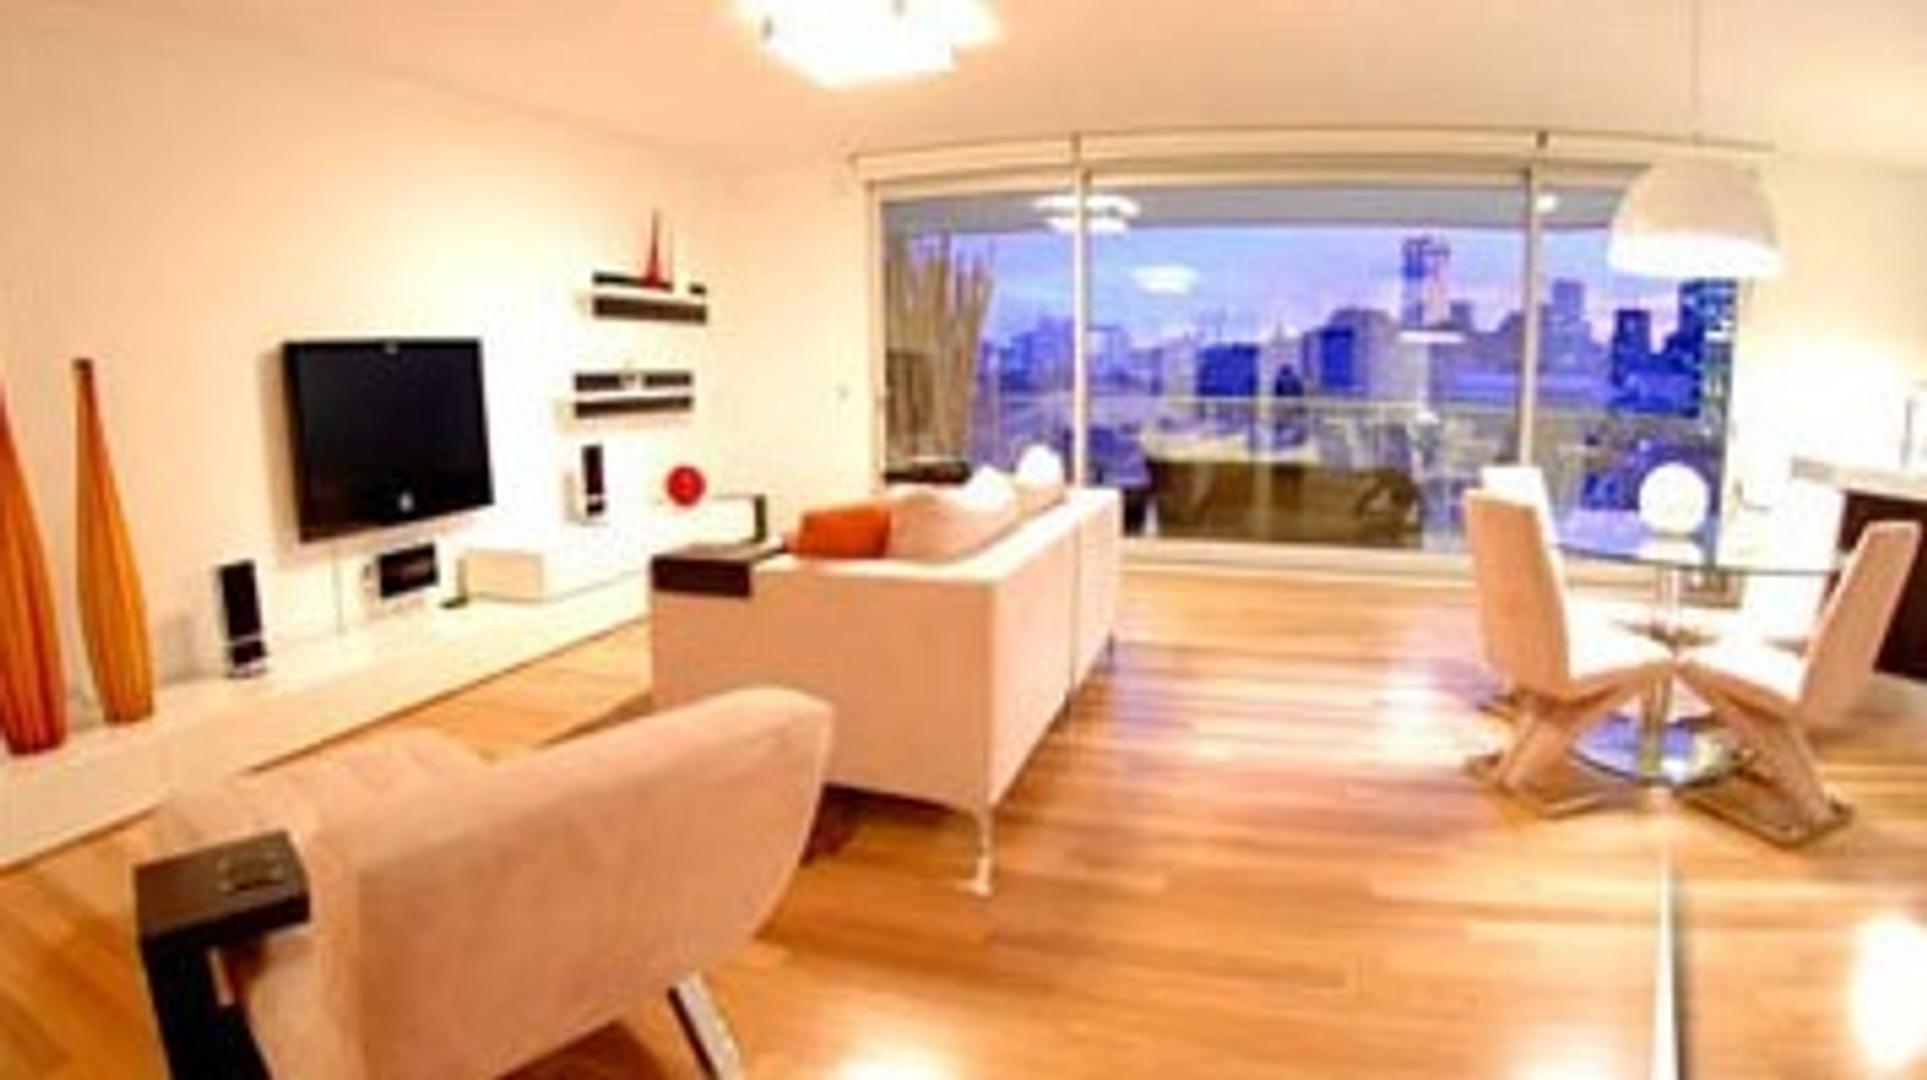 INCREIBLE! 2 suites! Balcón aterrazado con vista al dique! AMOB Y EQUIPADO! COCH!